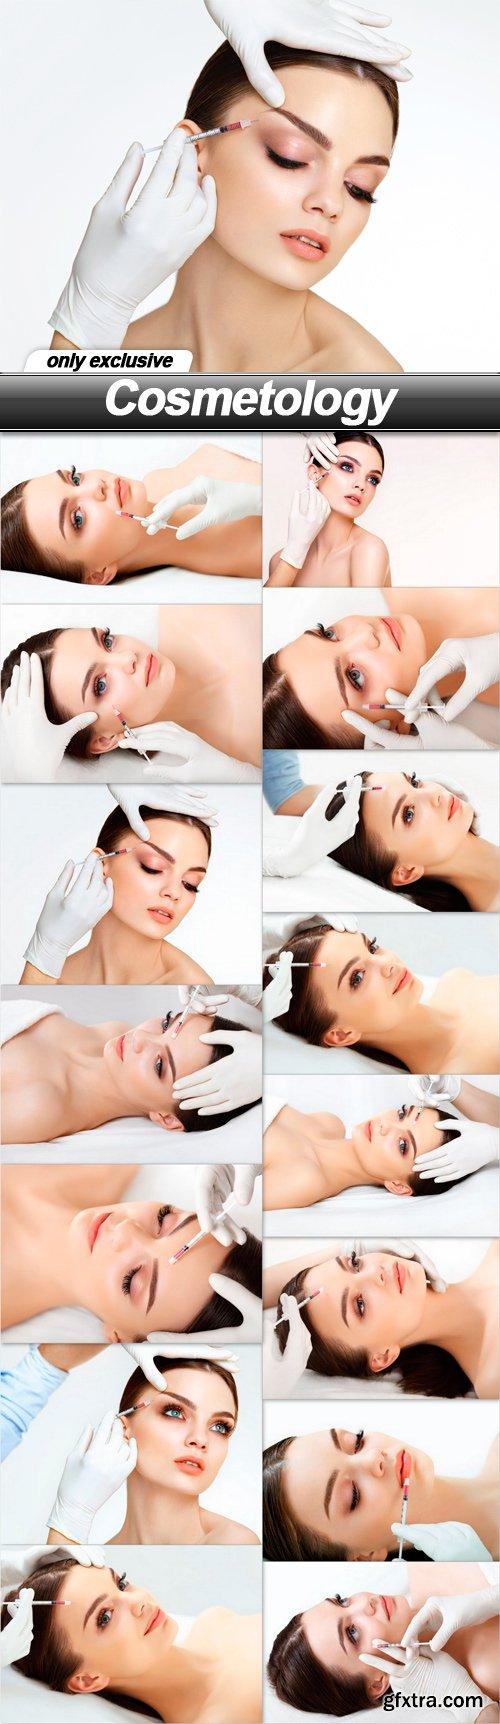 Cosmetology - 15 UHQ JPEG